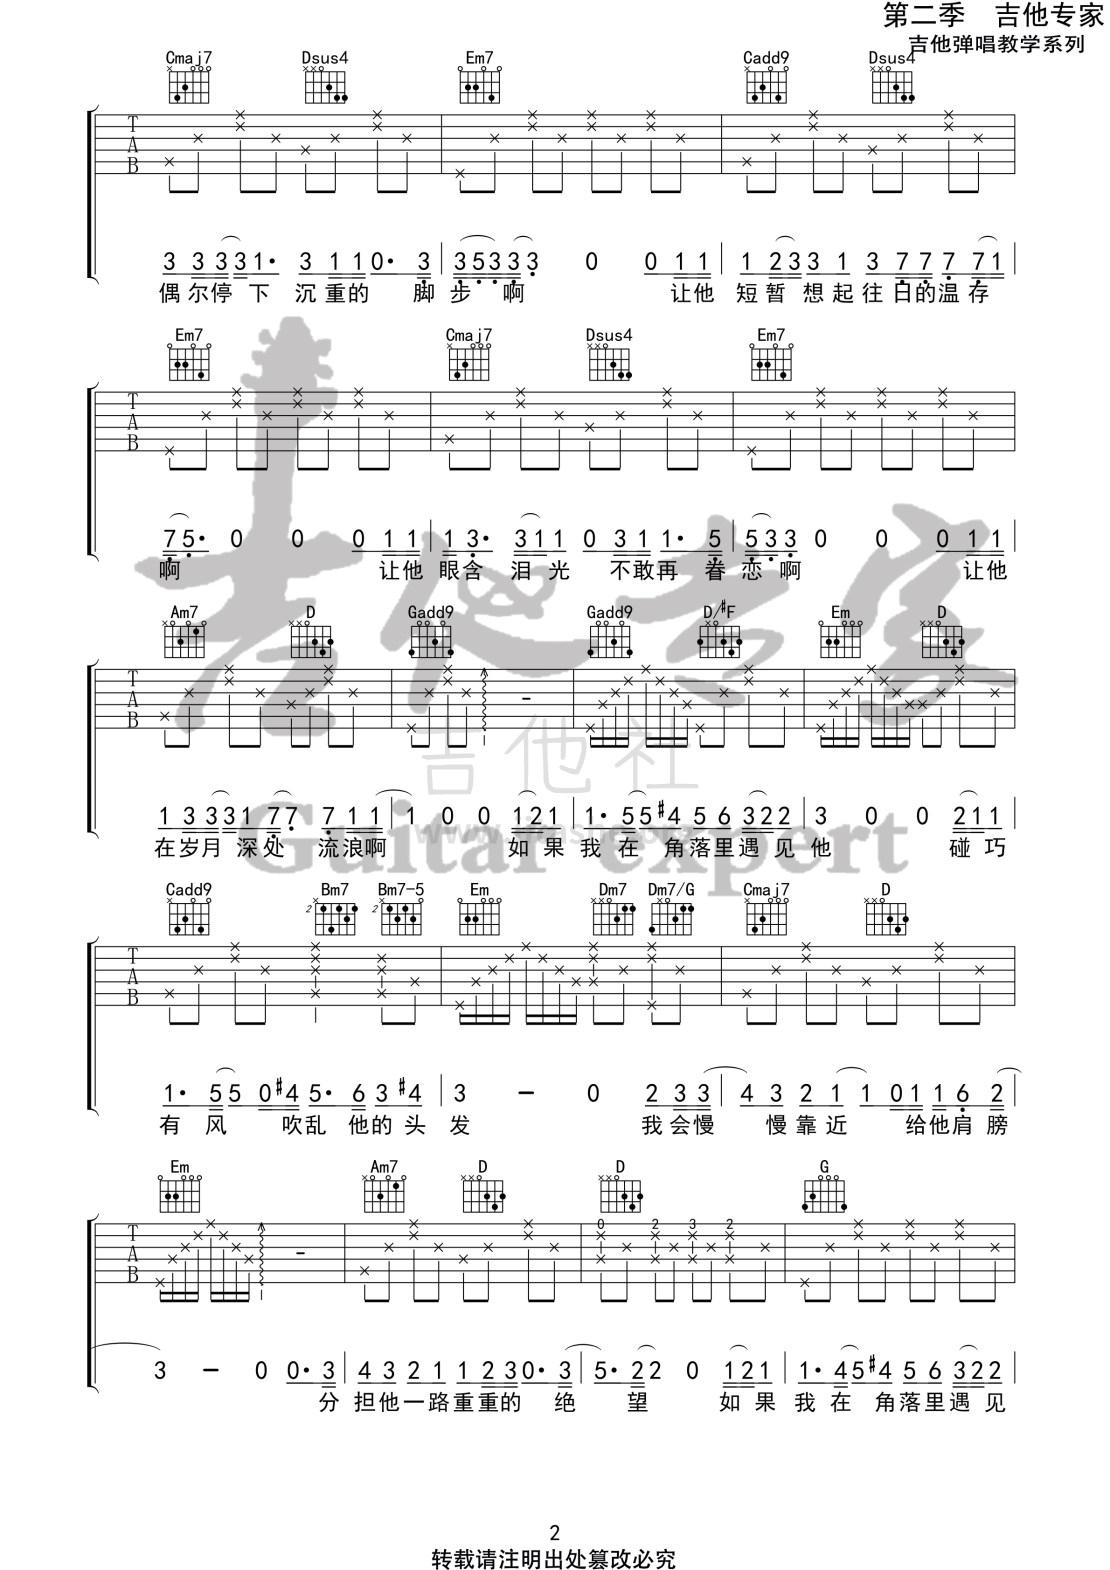 小王(音艺吉他专家弹唱教学:第二季第39集)吉他谱(图片谱,弹唱,伴奏,音艺吉他专家弹唱教学)_毛不易(王维家)_小王2 第二季第三十九集.jpg